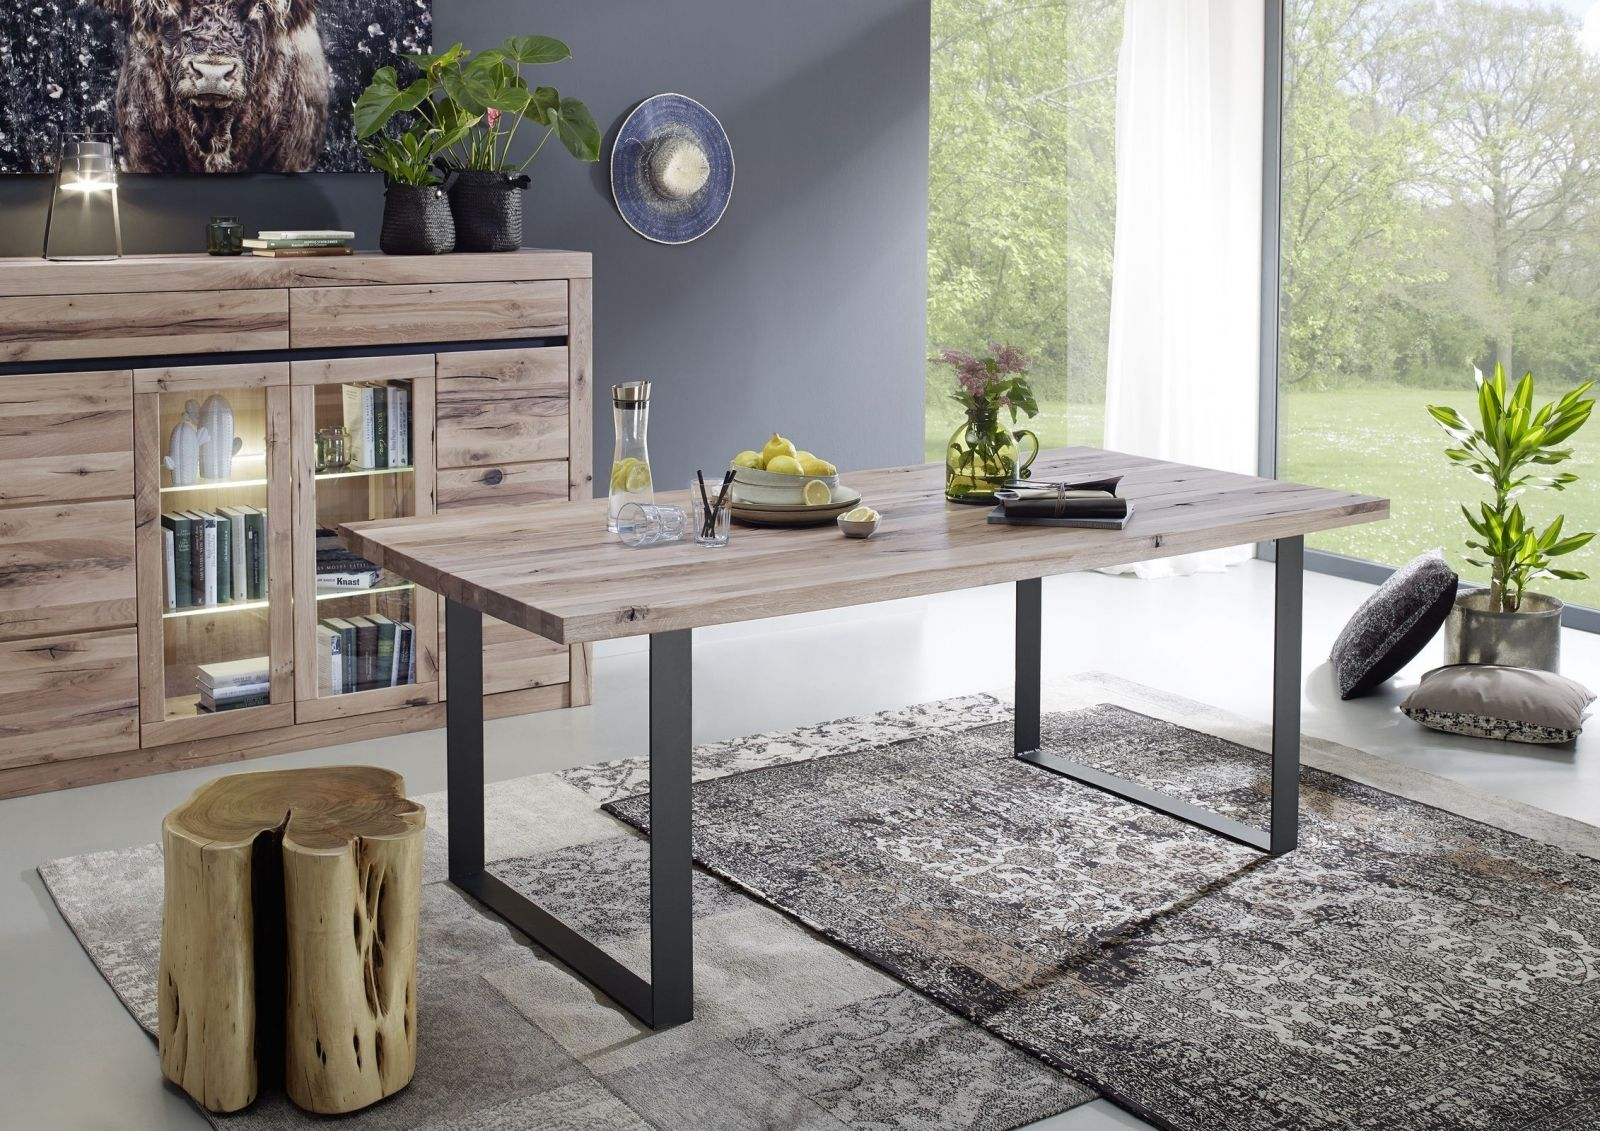 Eiche Möbel versandfrei kaufen Eiche rustikal, Esstisch